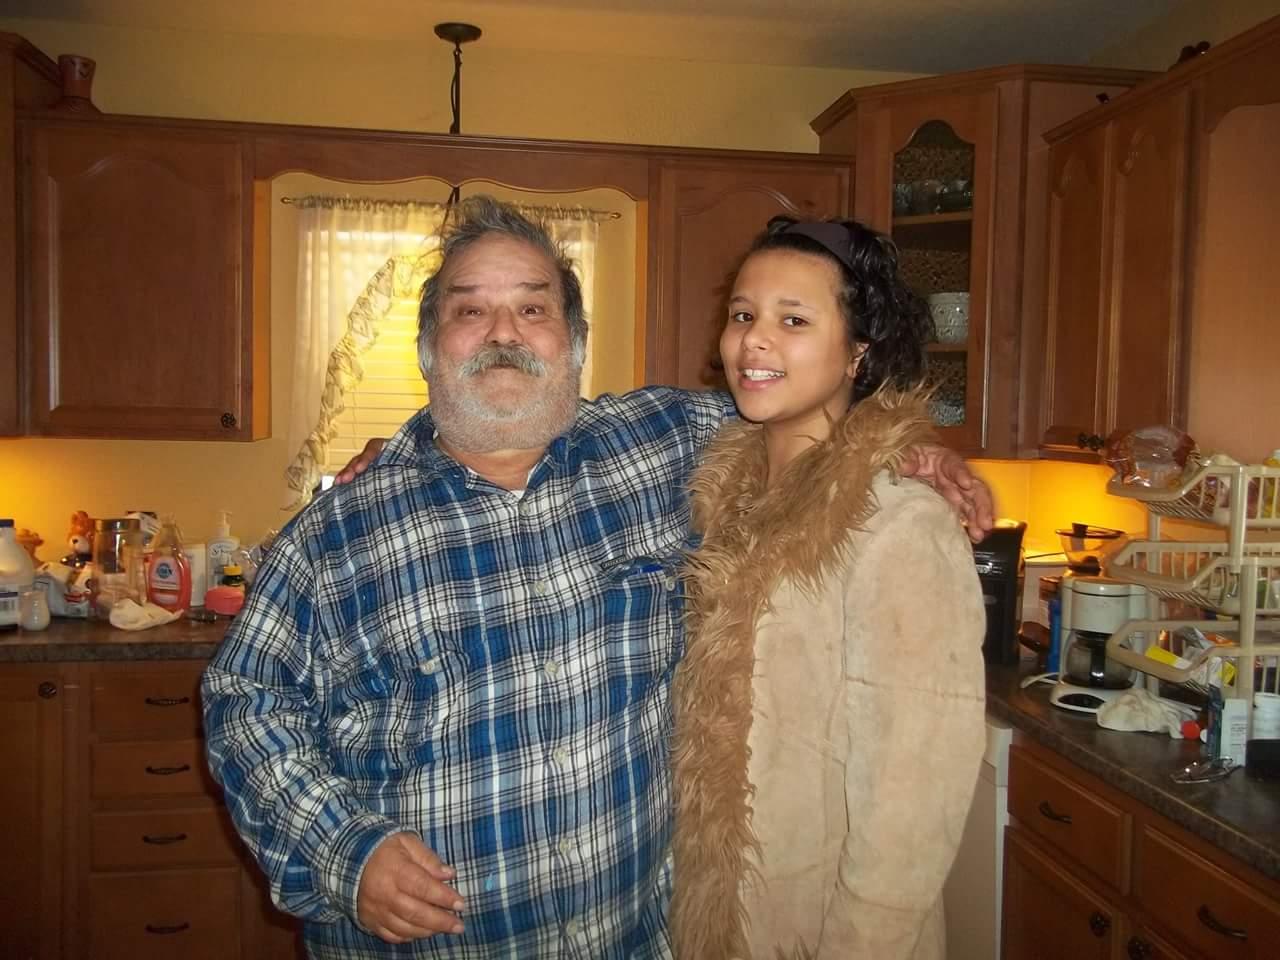 Jose with grand daughter Maya